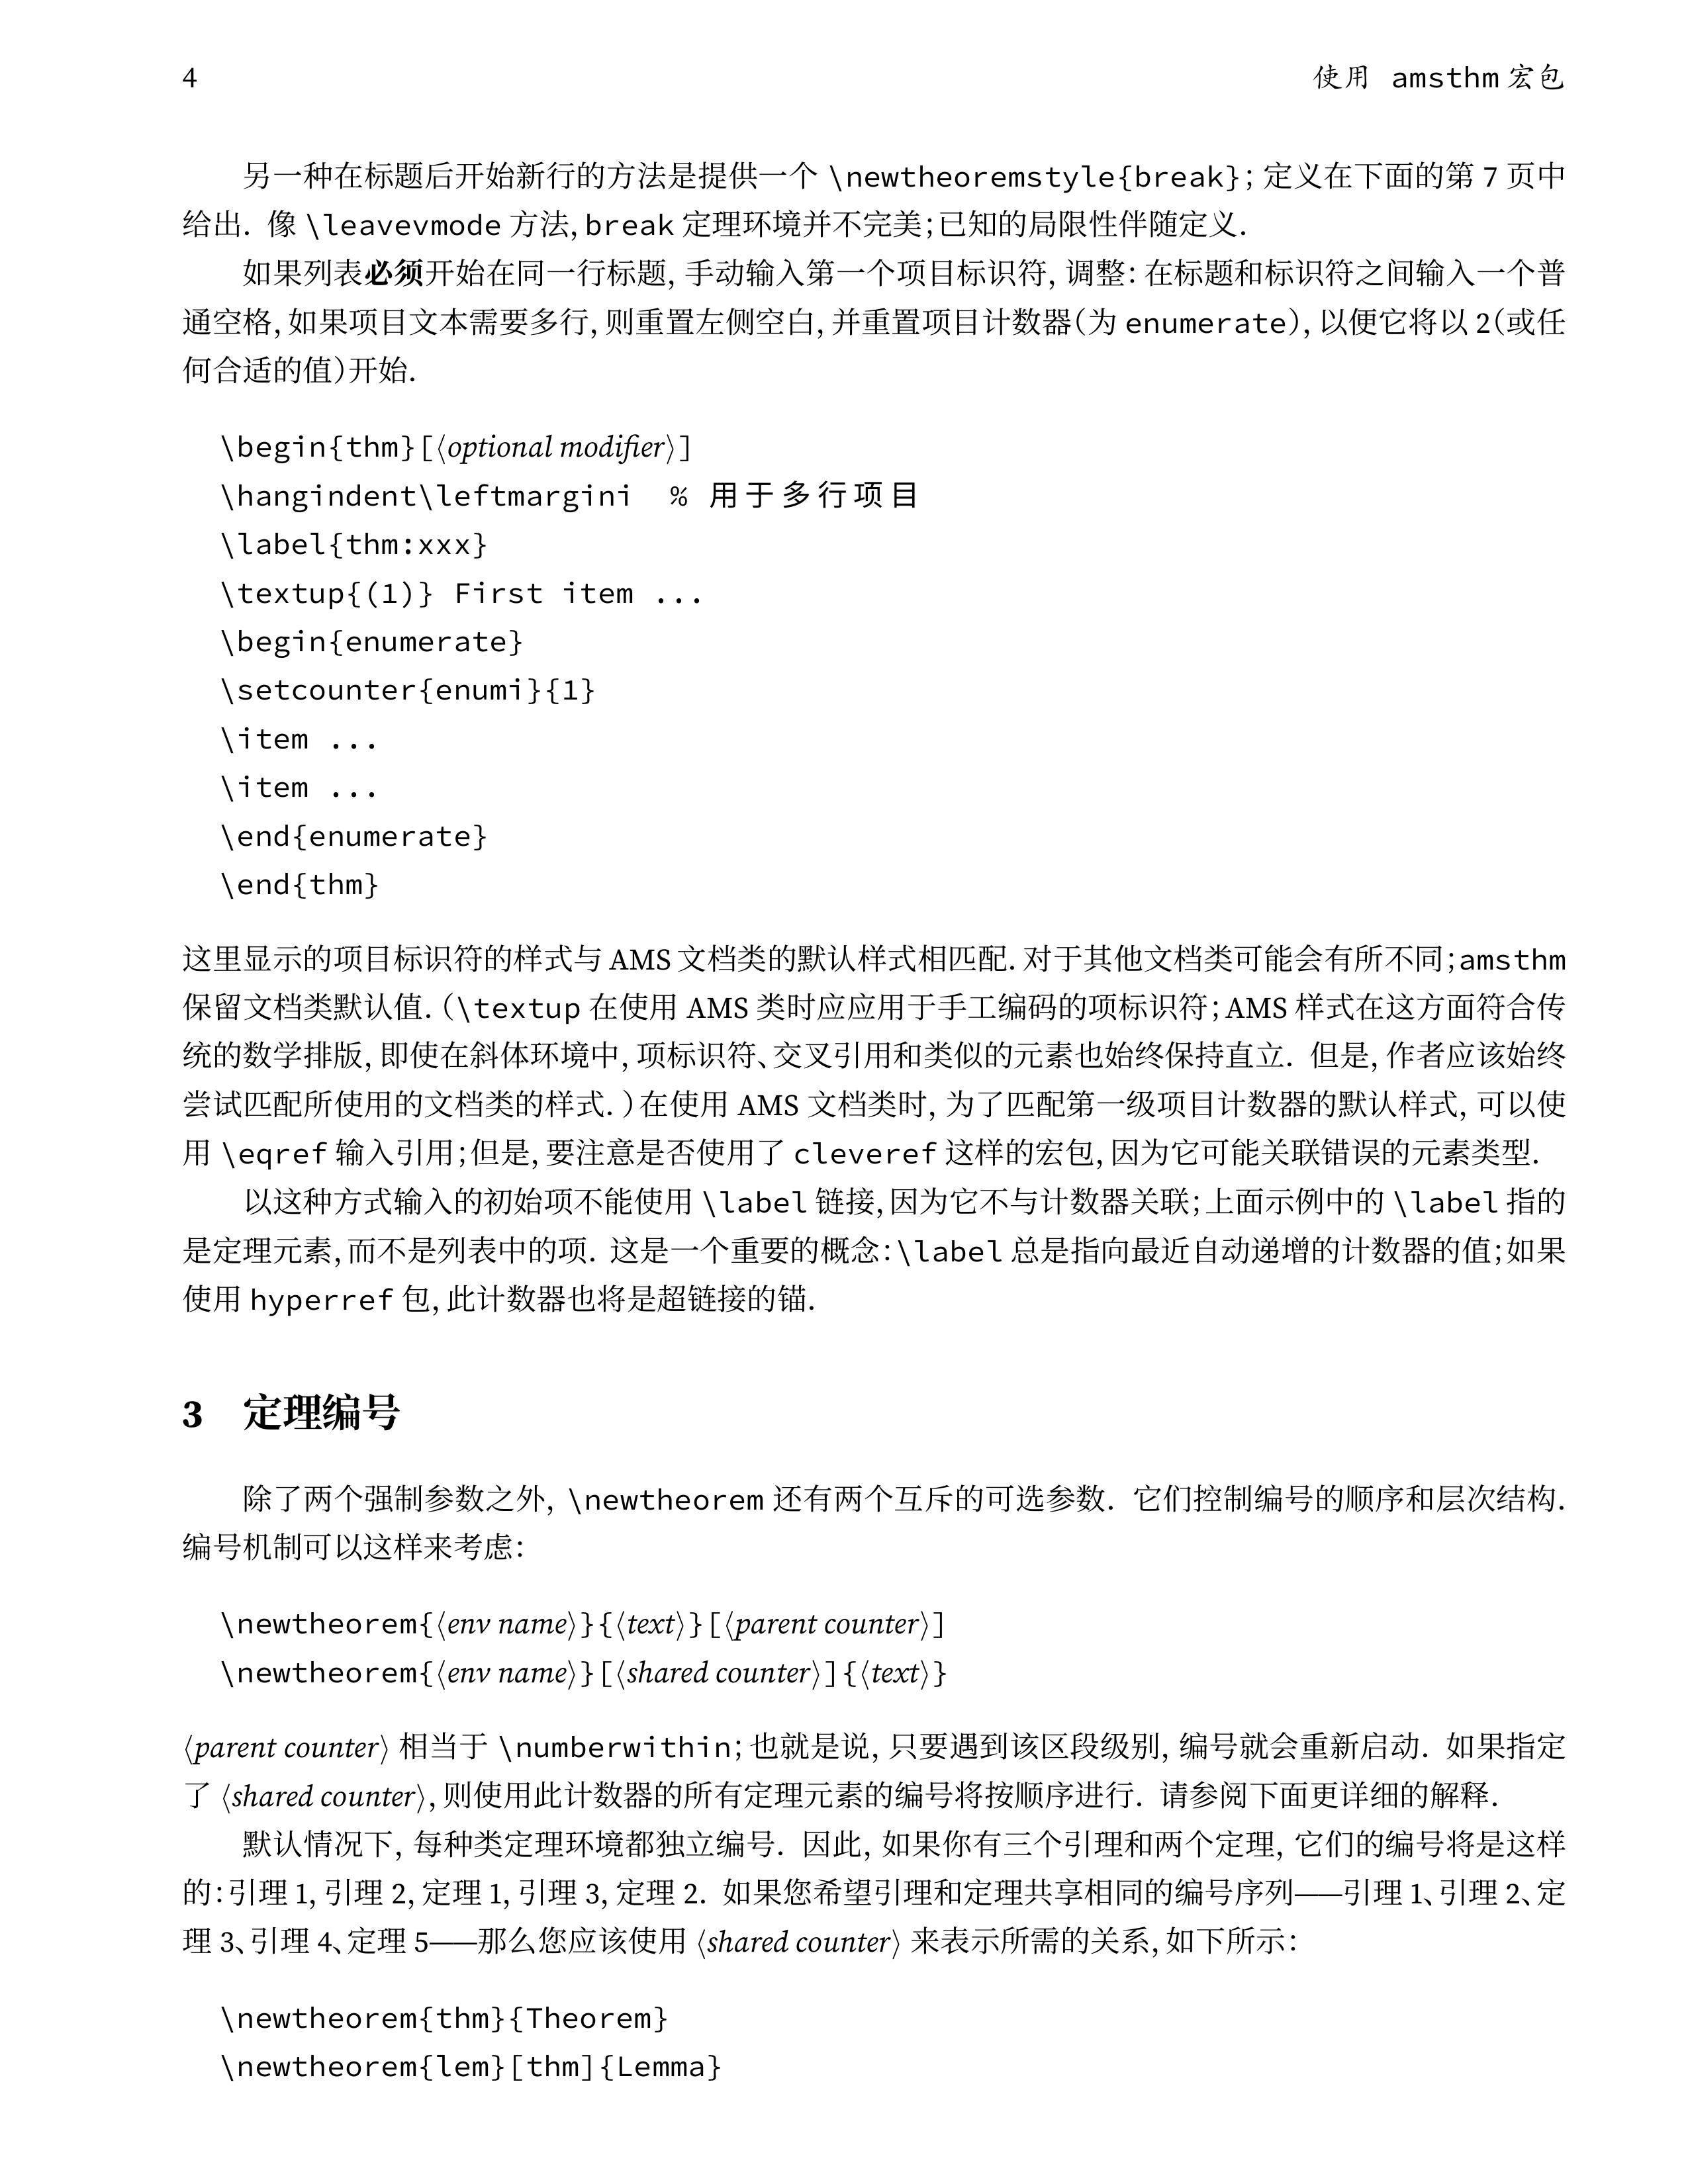 amsthm-zh 中译本 v1.0